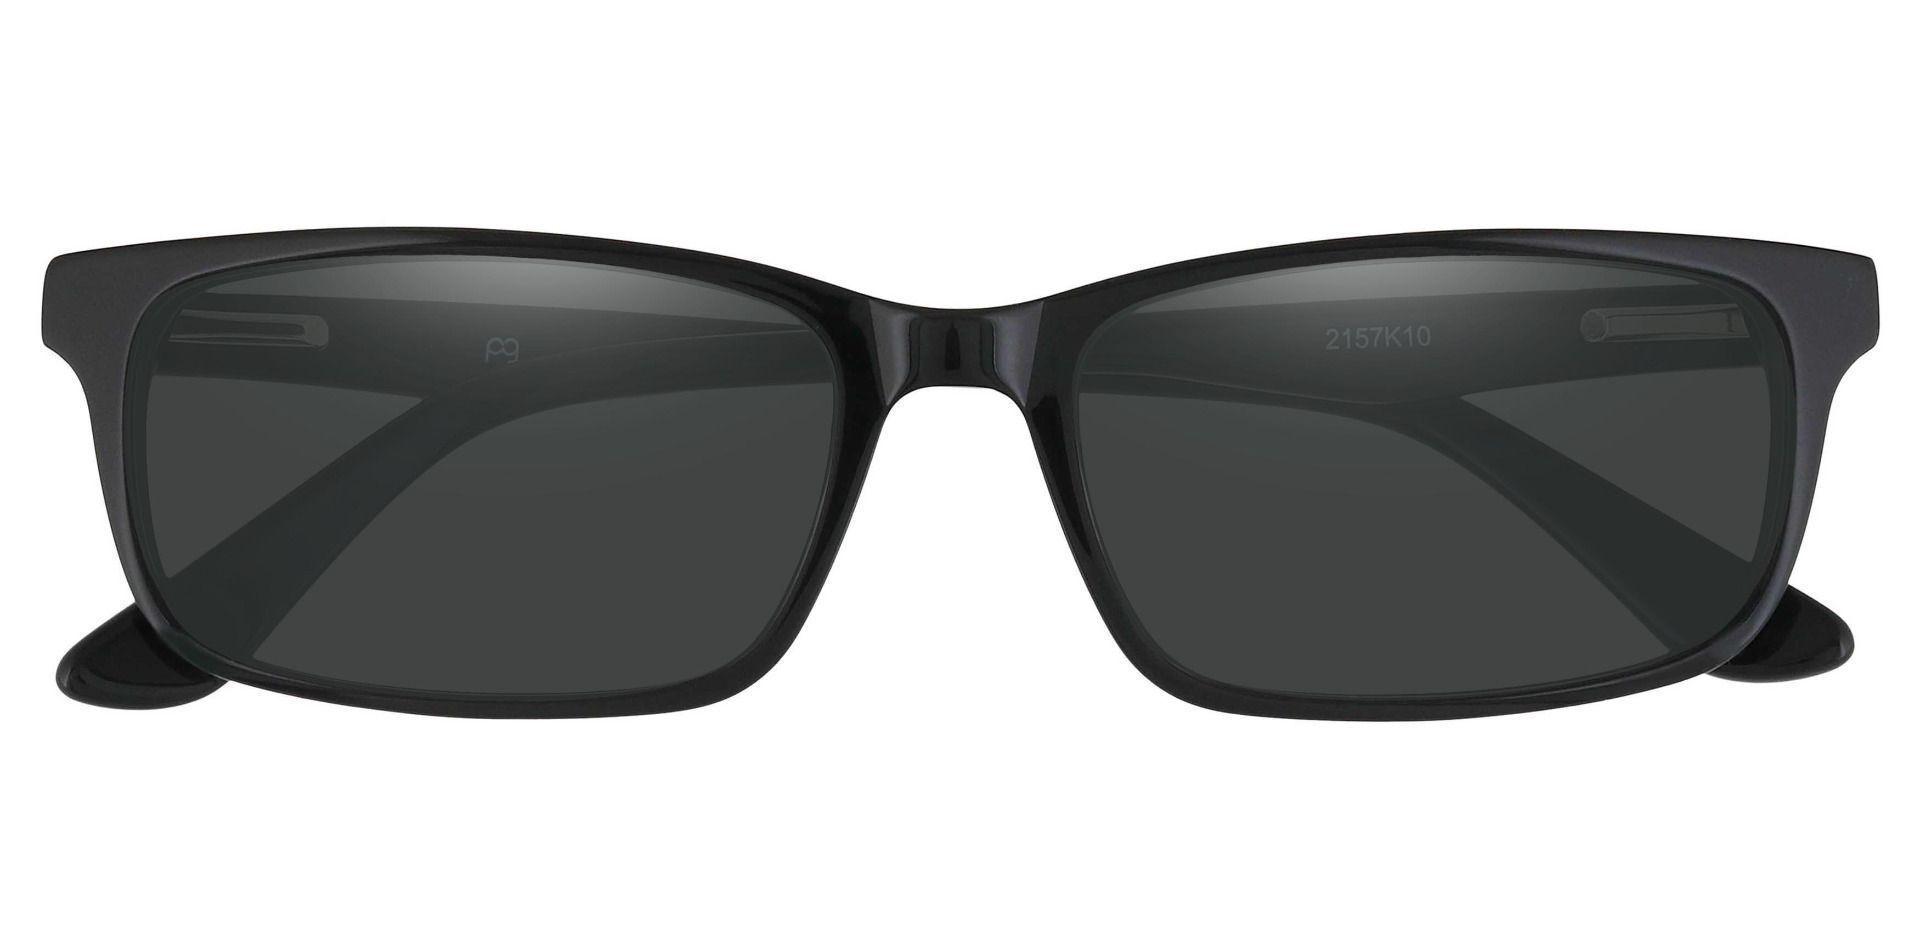 Hendrix Rectangle Reading Sunglasses - Black Frame With Gray Lenses